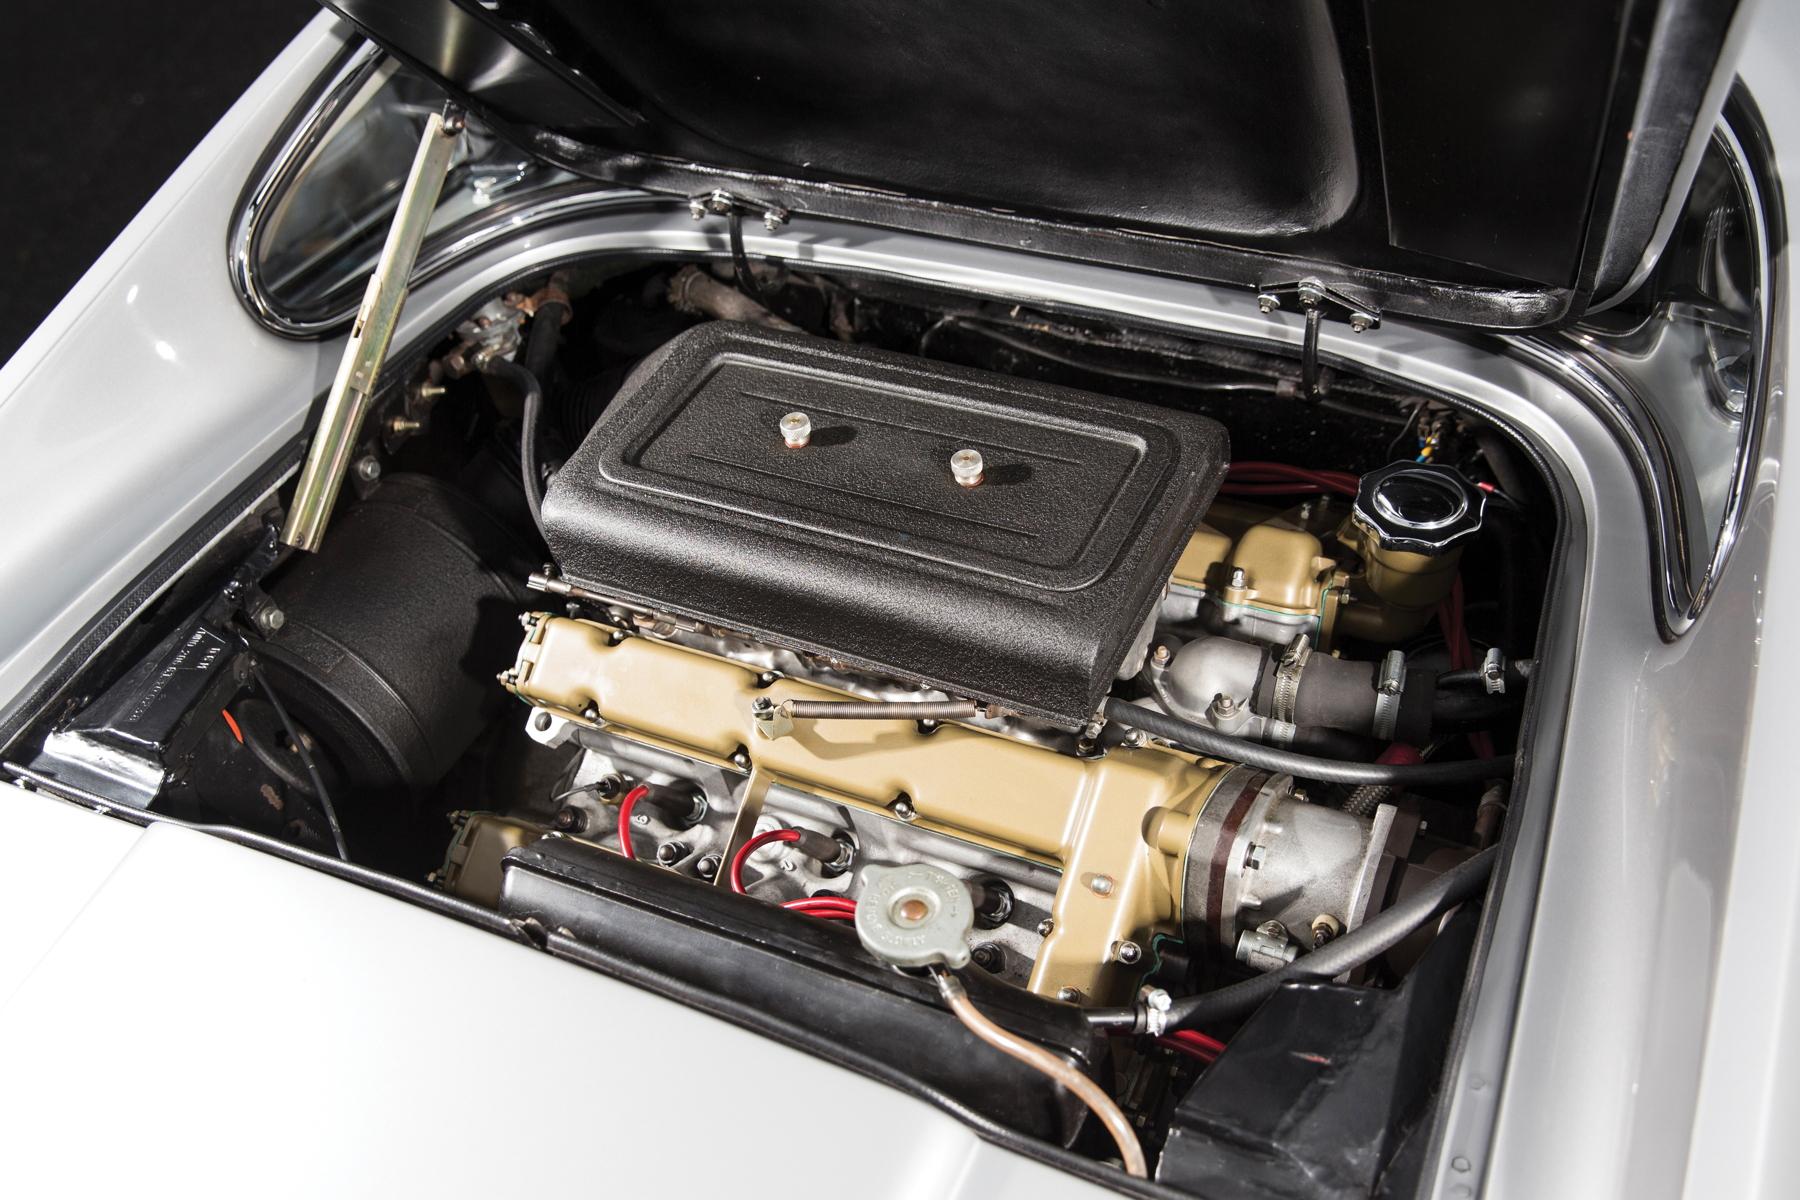 RM Sotheby's Retromobile - Ferrari Dino 206 GT engine